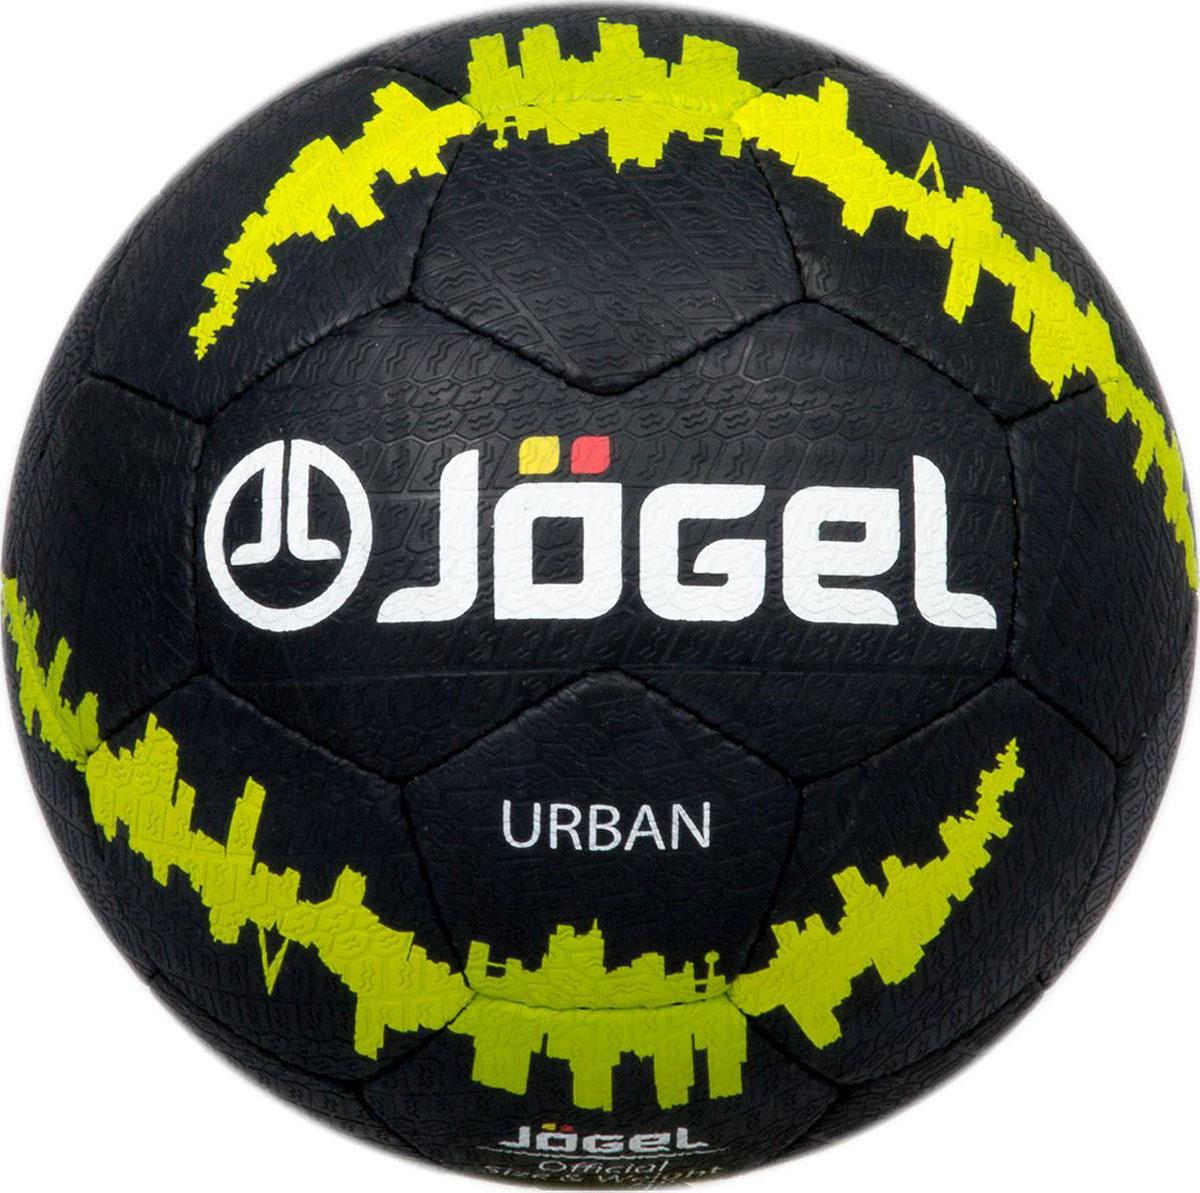 Мяч футбольный Jogel Urban, цвет: черный. Размер 5. JS-1100УТ-00009619Jogel JS-1100 Urban - это уникальный в своем роде мяч, материал поверхности которого позволяет играть им практически на любых покрытиях! Данный мяч прекрасно подойдет для уличных тренировок, тренировок на мокром покрытии и даже игр на снегу. Панели мяча соединены прочной ручной сшивной и не боятся влаги. Поверхность мяча выполнена по технологии Reflex Play из специальной резины толщиной 1,5 мм, имитирующей протектор автомобильного колеса. Мяч имеет 4 подкладочных слоя на основе полиэстера и оснащен латексной камерой с бутиловым ниппелем, обеспечивающим долгое сохранение воздуха в камере. Уникальной особенностью, характерной для бренда Jogel, является традиционная конструкция мячей из 30 панелей.ВНИМАНИЕ! В целях сохранения технических свойств резины и её внешнего вида, мяч покрывают специальной смазкой, не имеющей запаха и побочных эффектов. Данная смазка стирается при первой же игре.